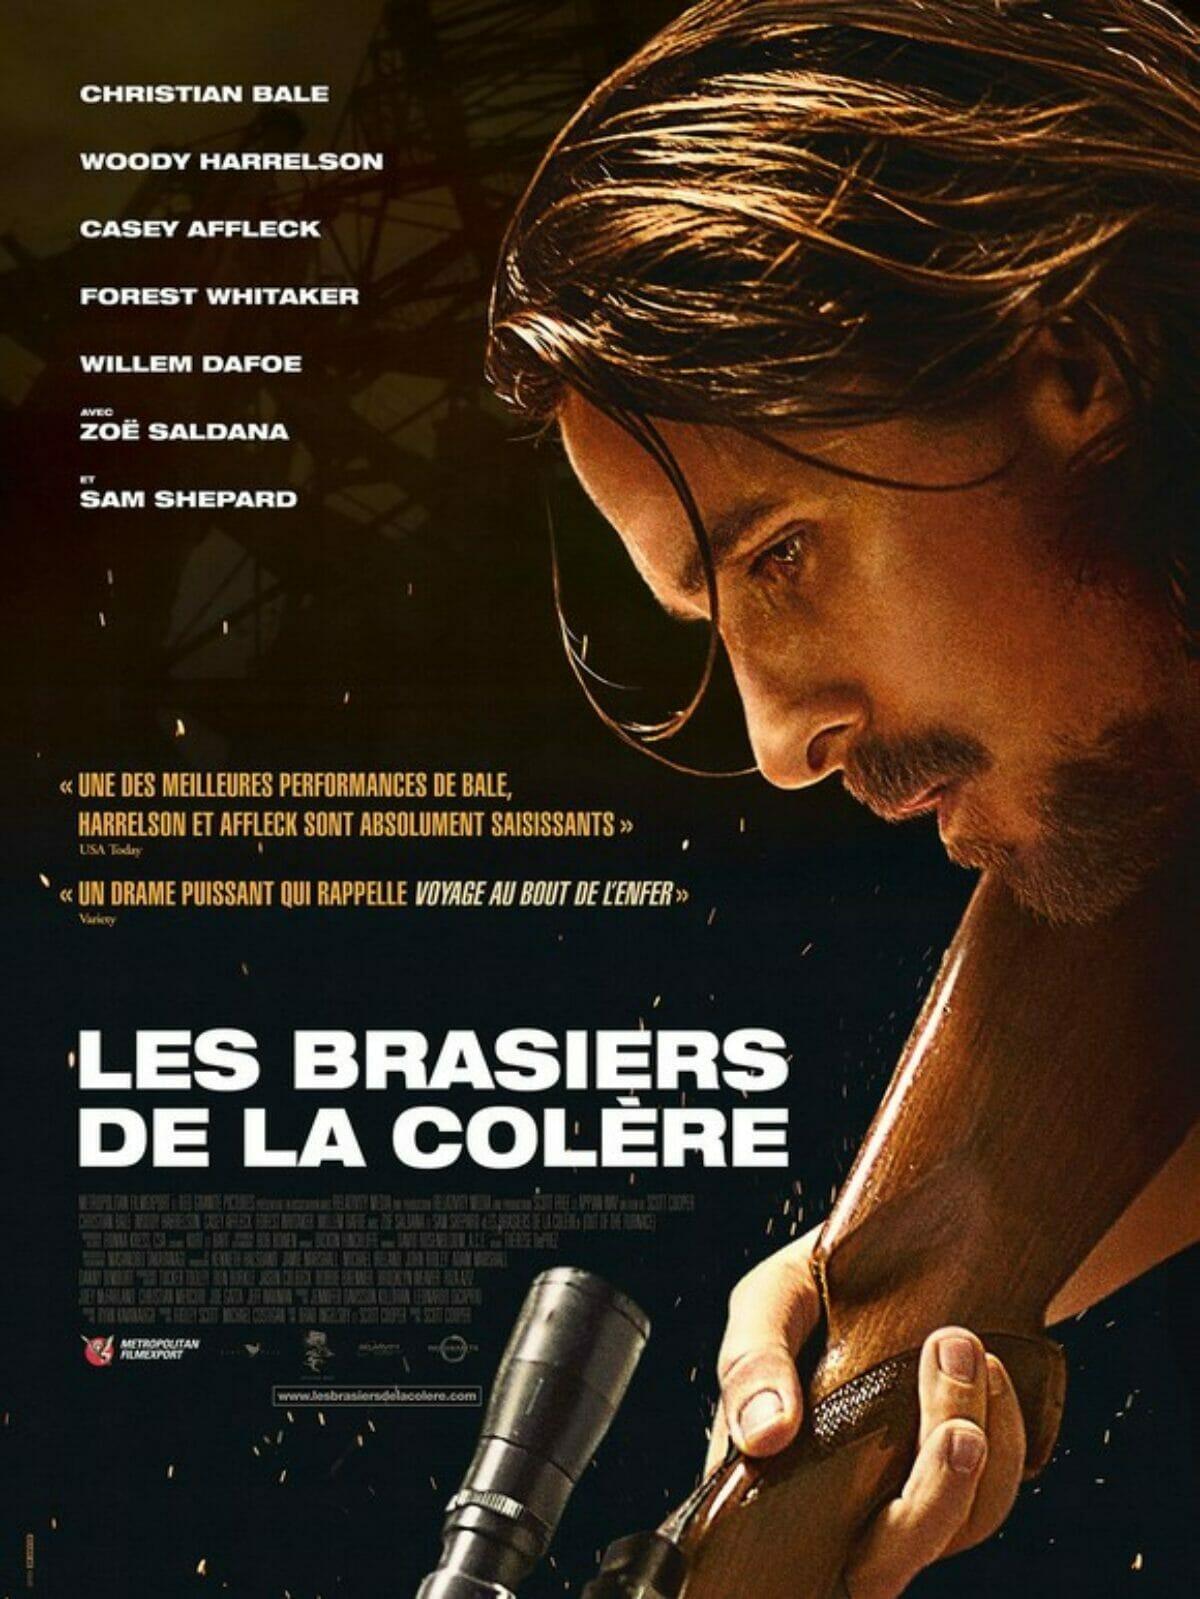 Les-Brasiers-de-la-Colère-Affiche-France